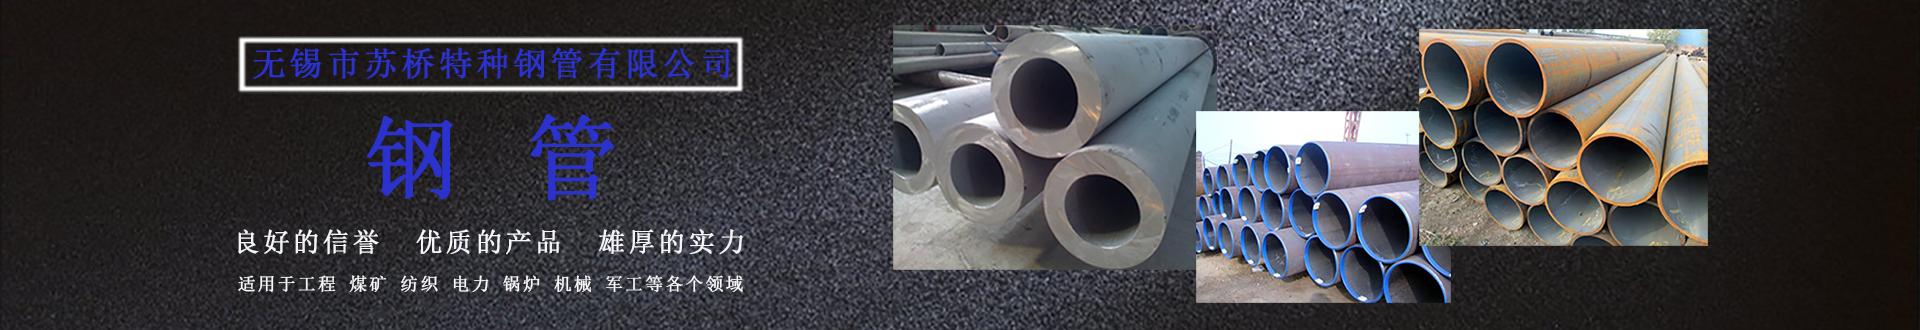 无锡市苏桥特种钢管有限公司